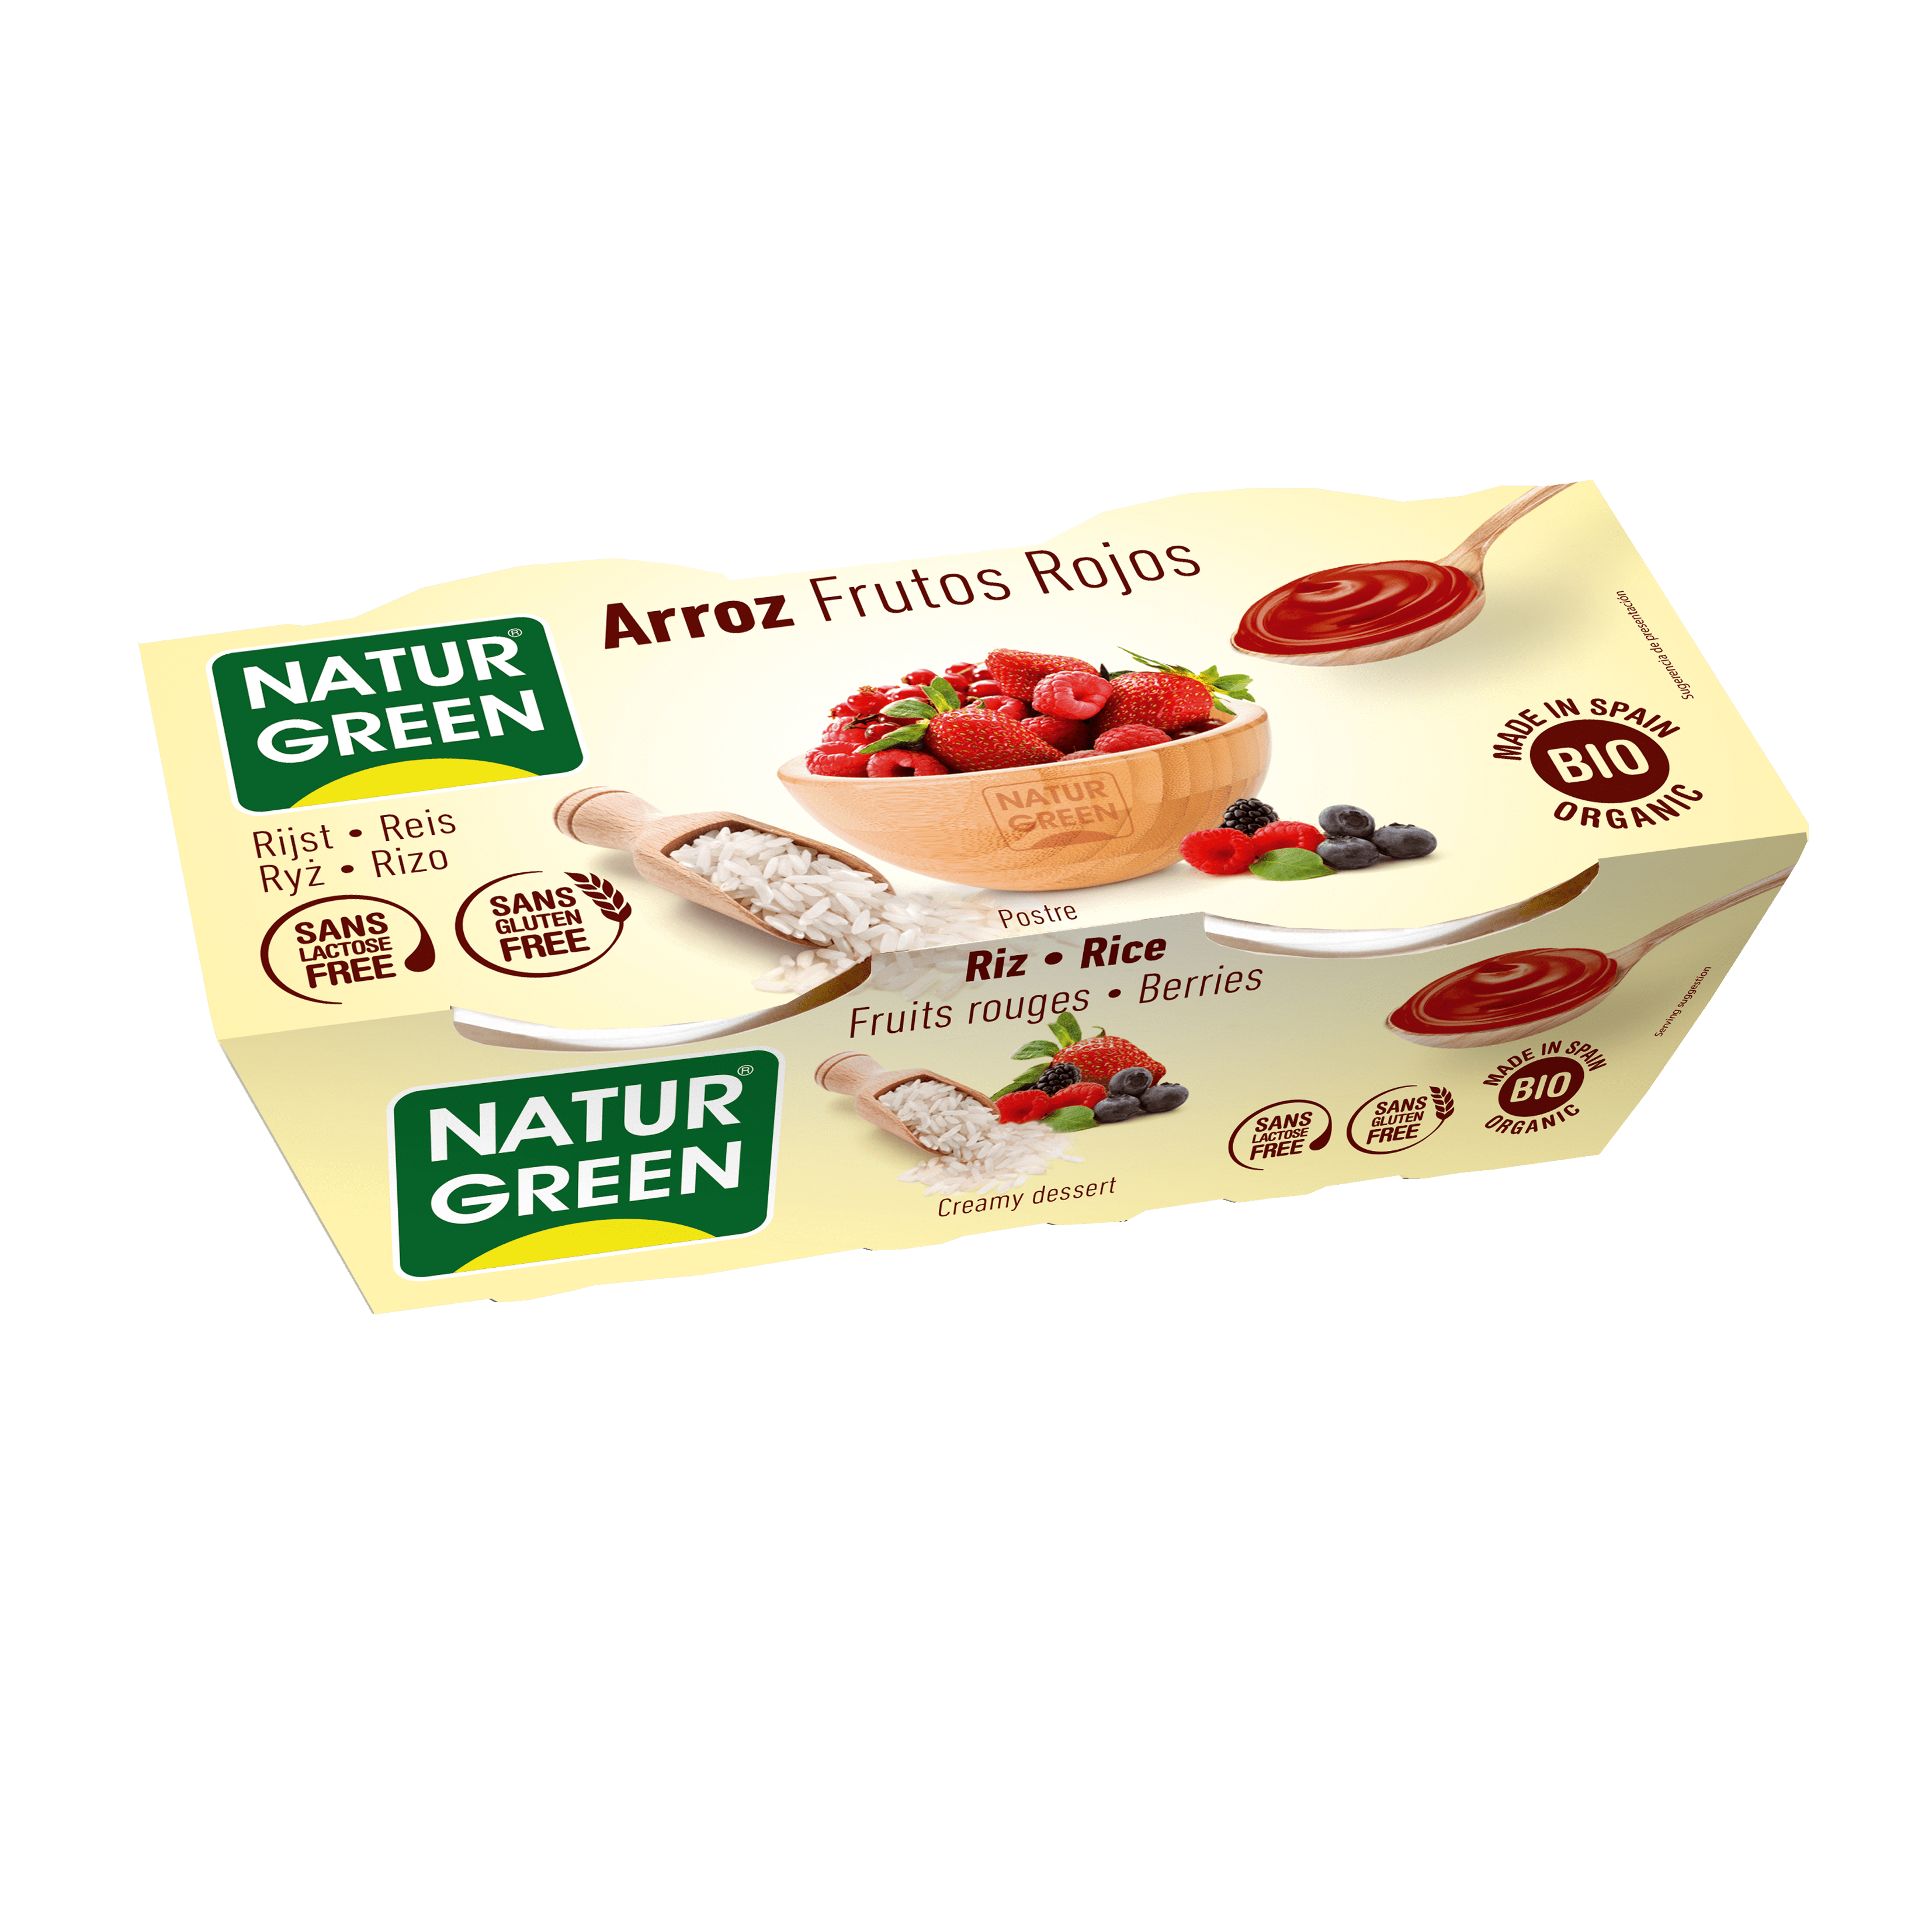 Органічний рослинний десерт з рису з червоними фруктами, 125гр х 2 - купить в интернет-магазине Юнимед